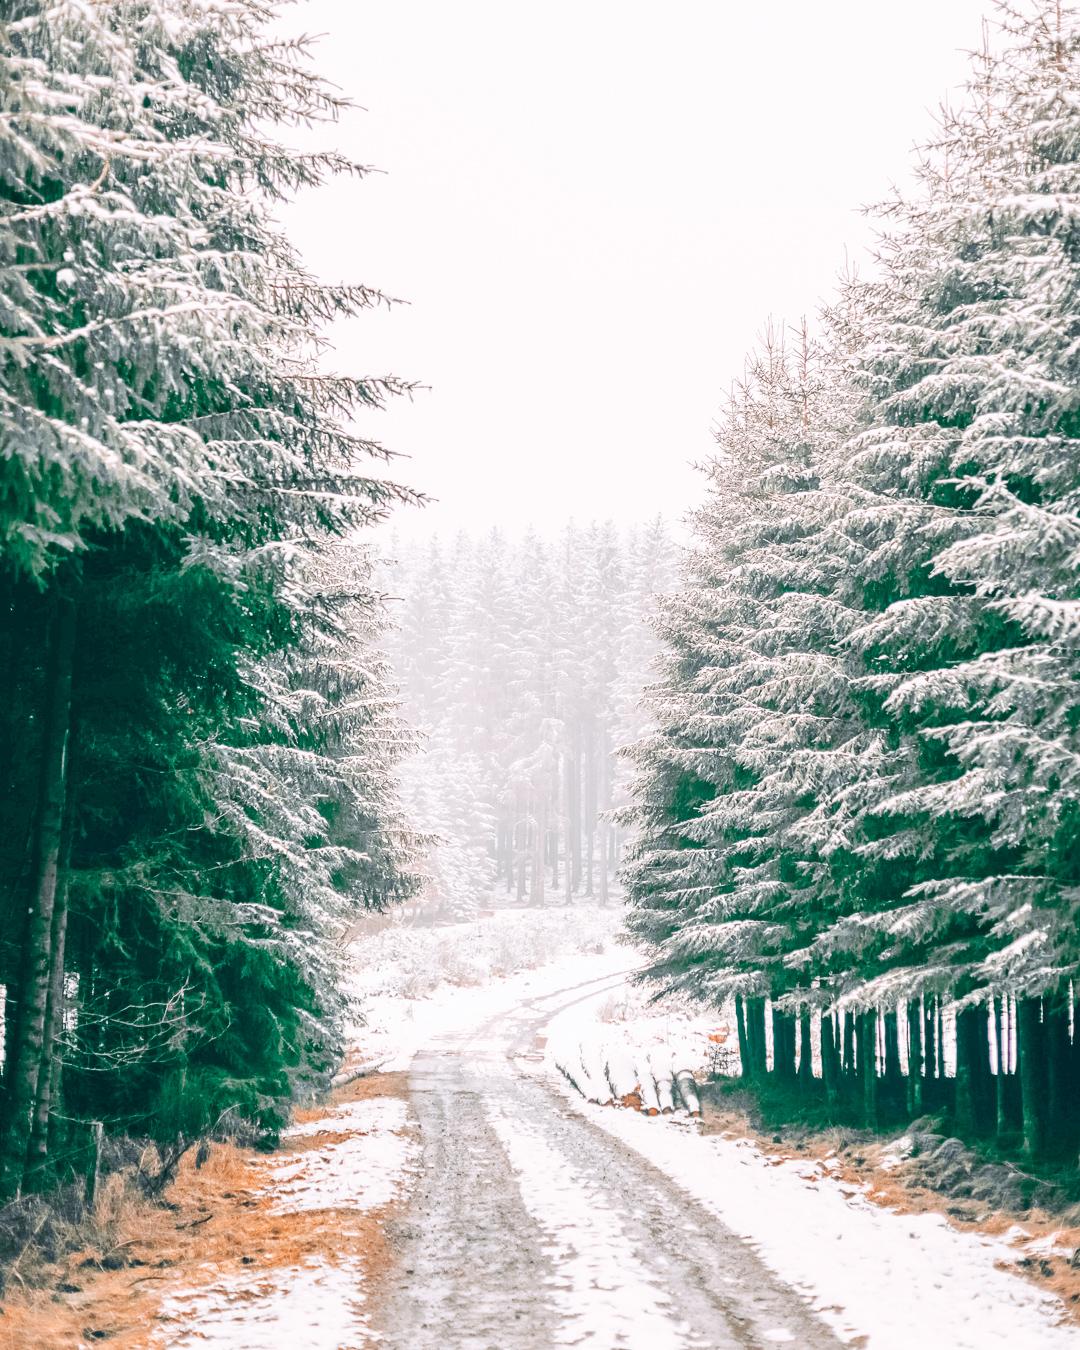 Snow in Belgium in winter